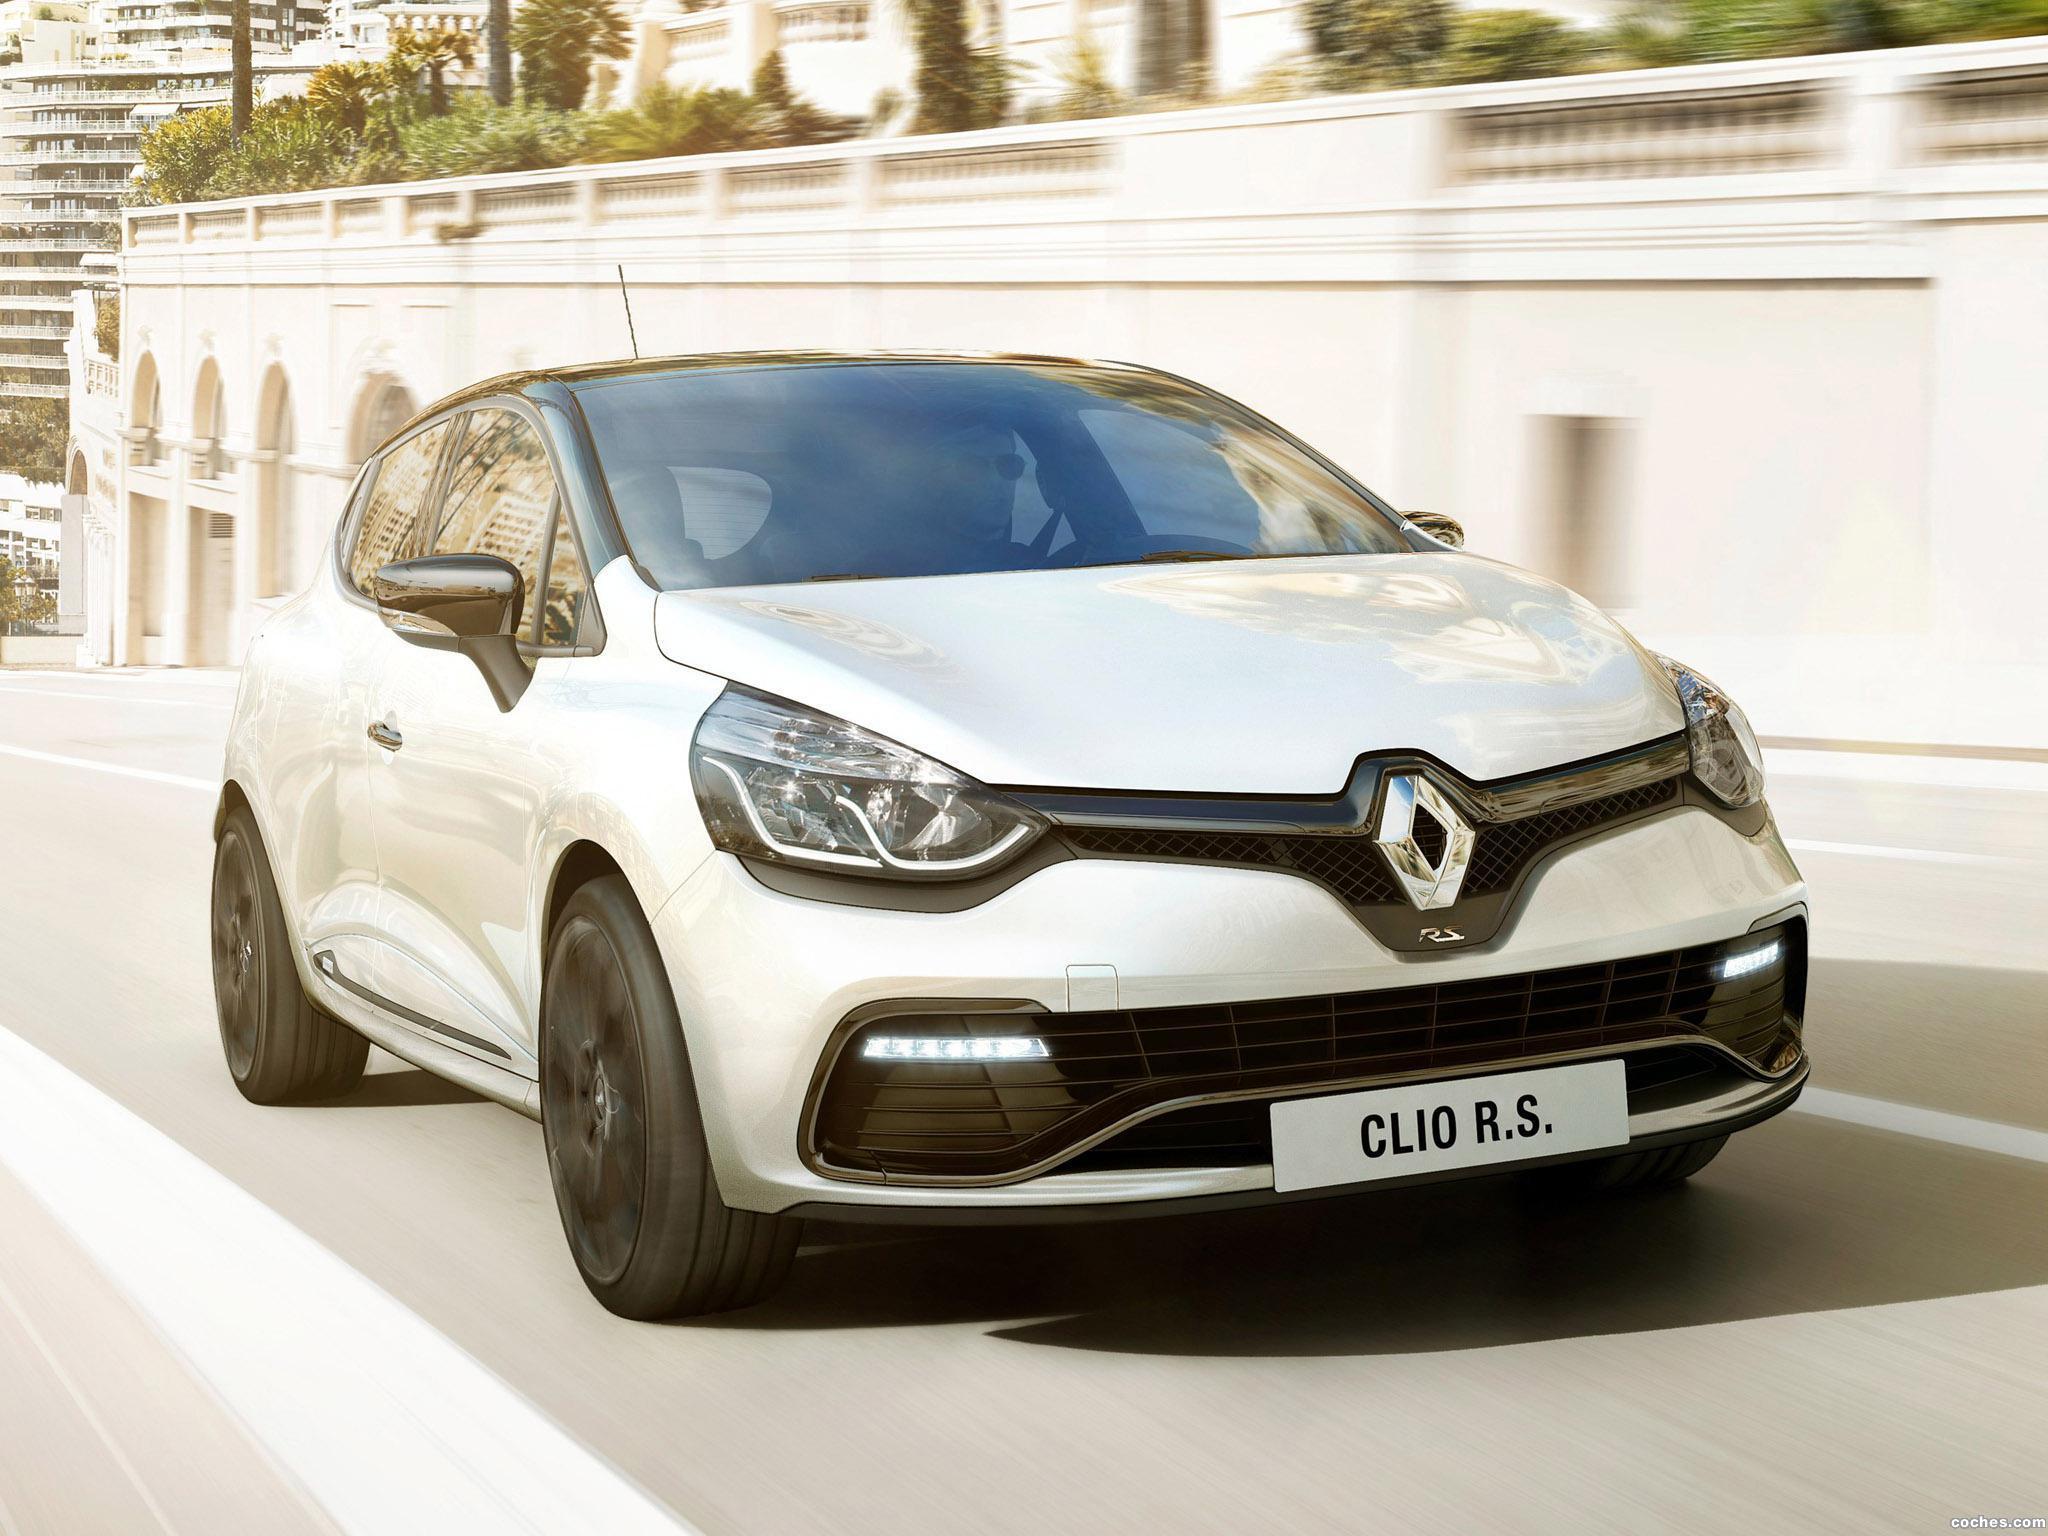 Fotos De Renault Clio La Mayor Galeria De Fotos Del Renault Clio